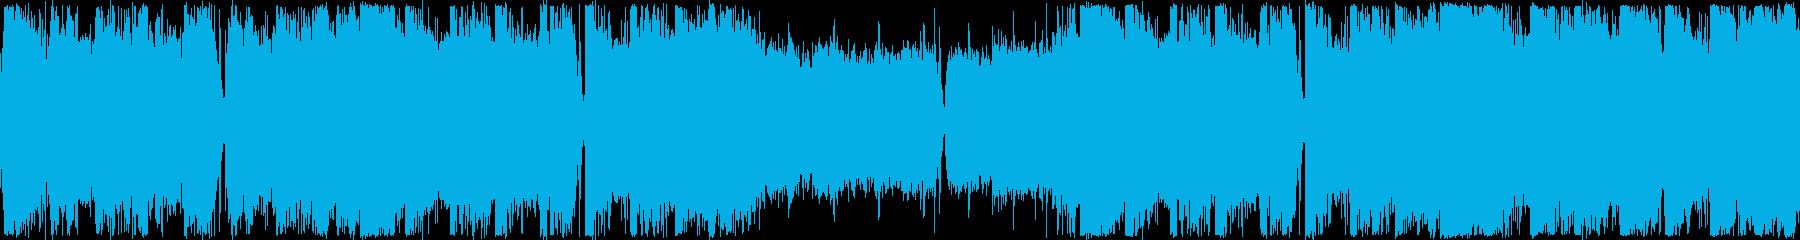 ループ・イベント・洋楽フューチャーベースの再生済みの波形